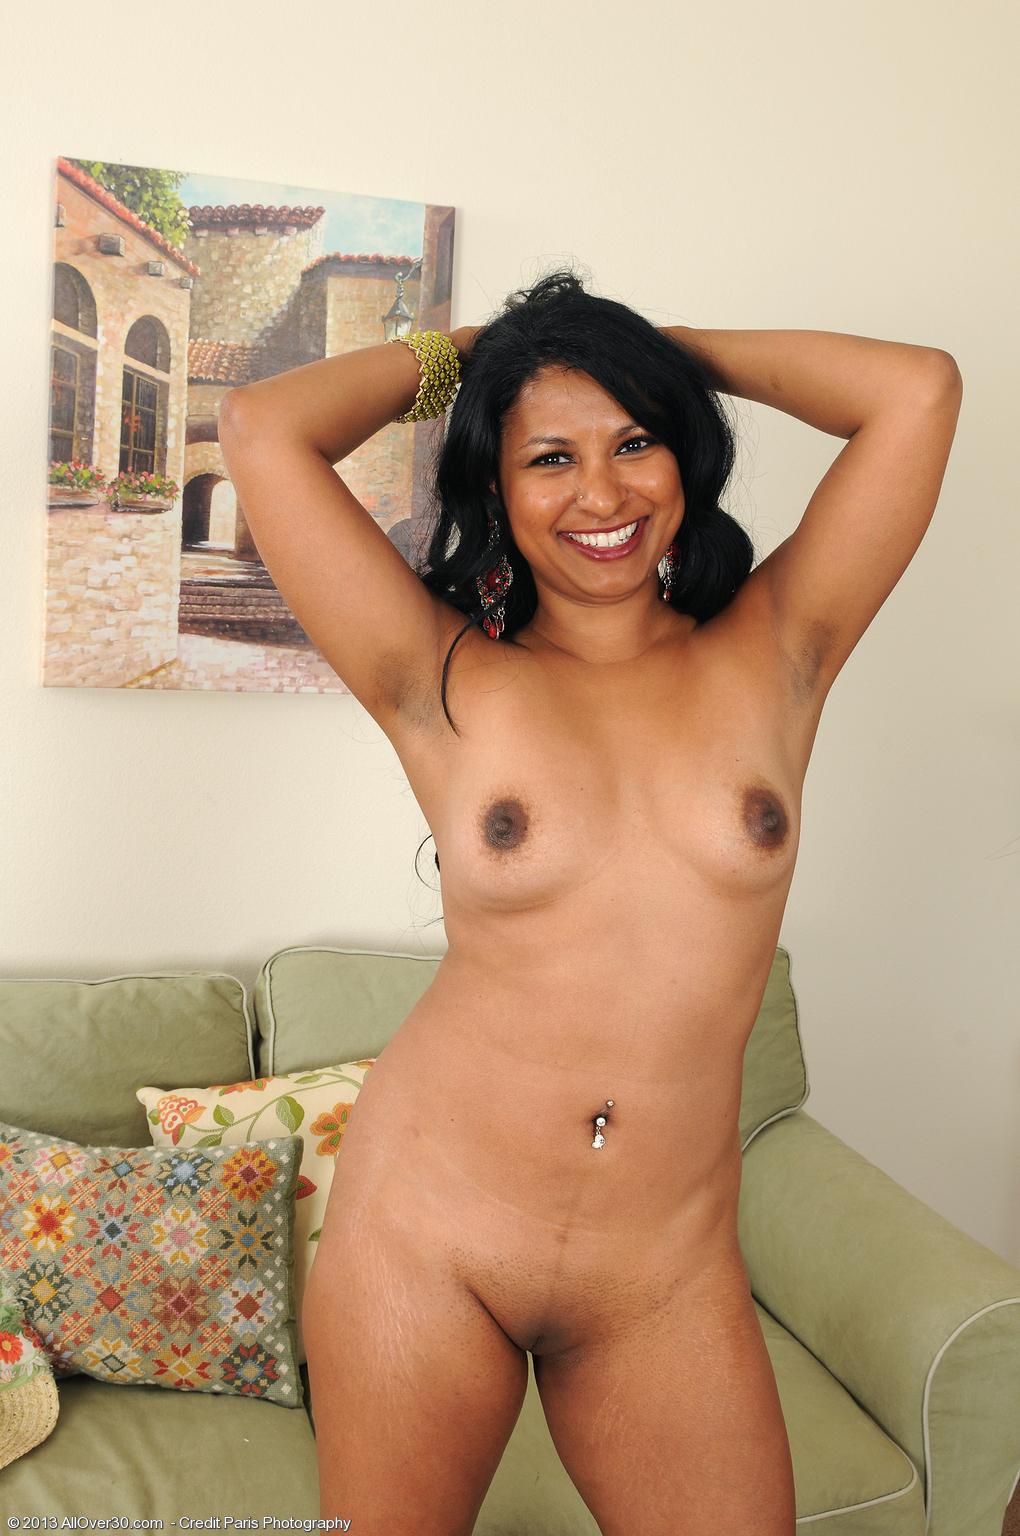 nude of alex morgan